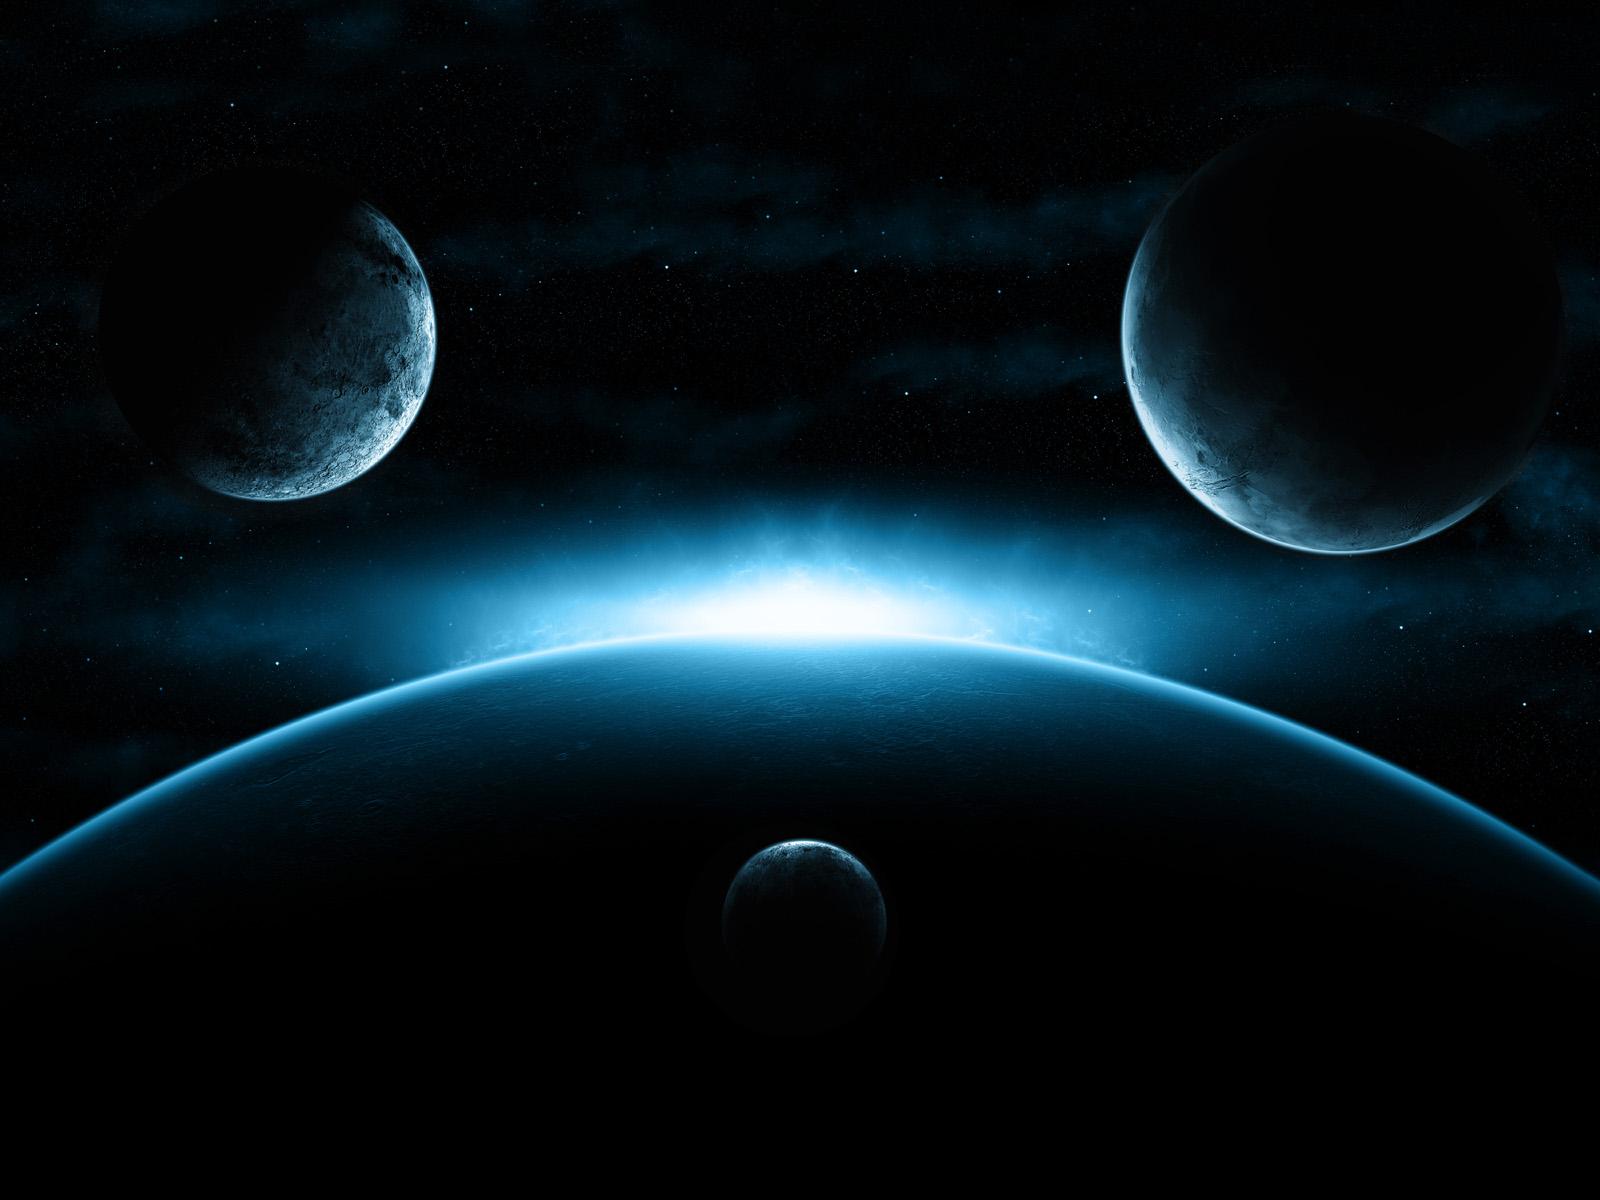 https://4.bp.blogspot.com/_DJZSrQkWQCo/S7vn_NAKoUI/AAAAAAAAAKs/uvLlka4Apwg/s1600/Cosmic_Sunrise.jpg